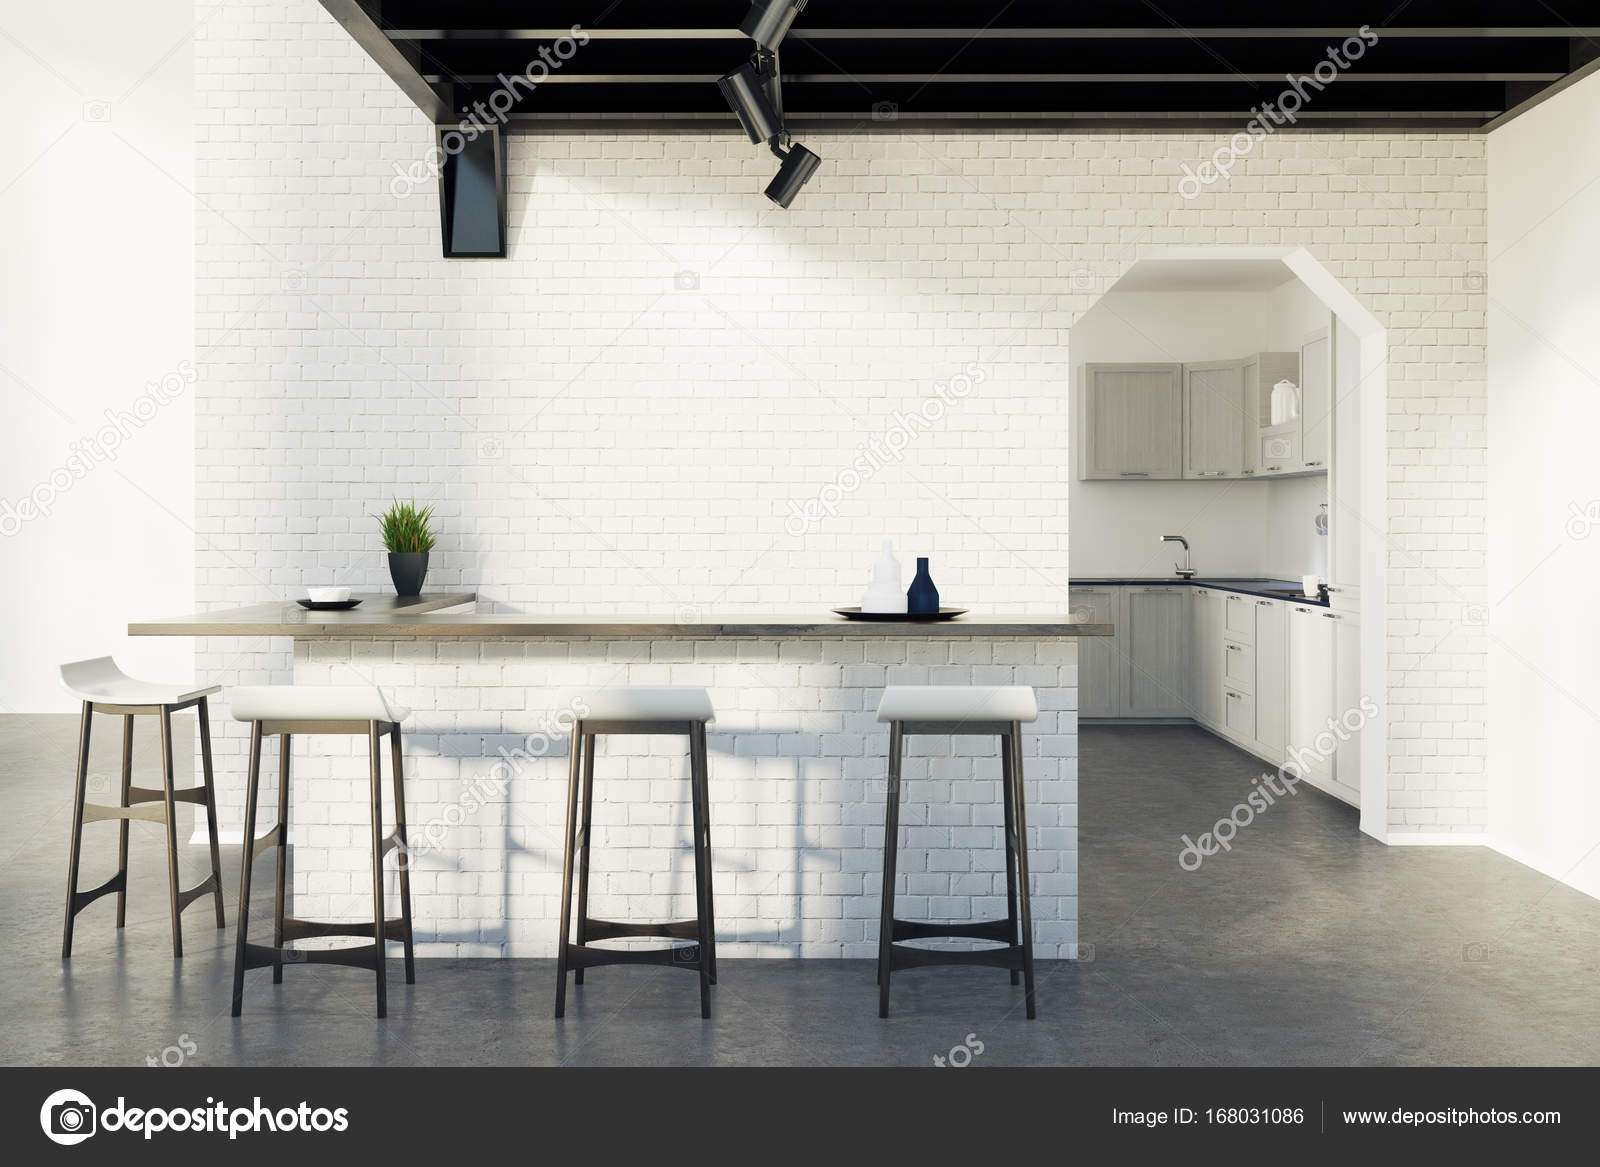 Mattone cucina bar sgabelli e una porta grigia u2014 foto stock